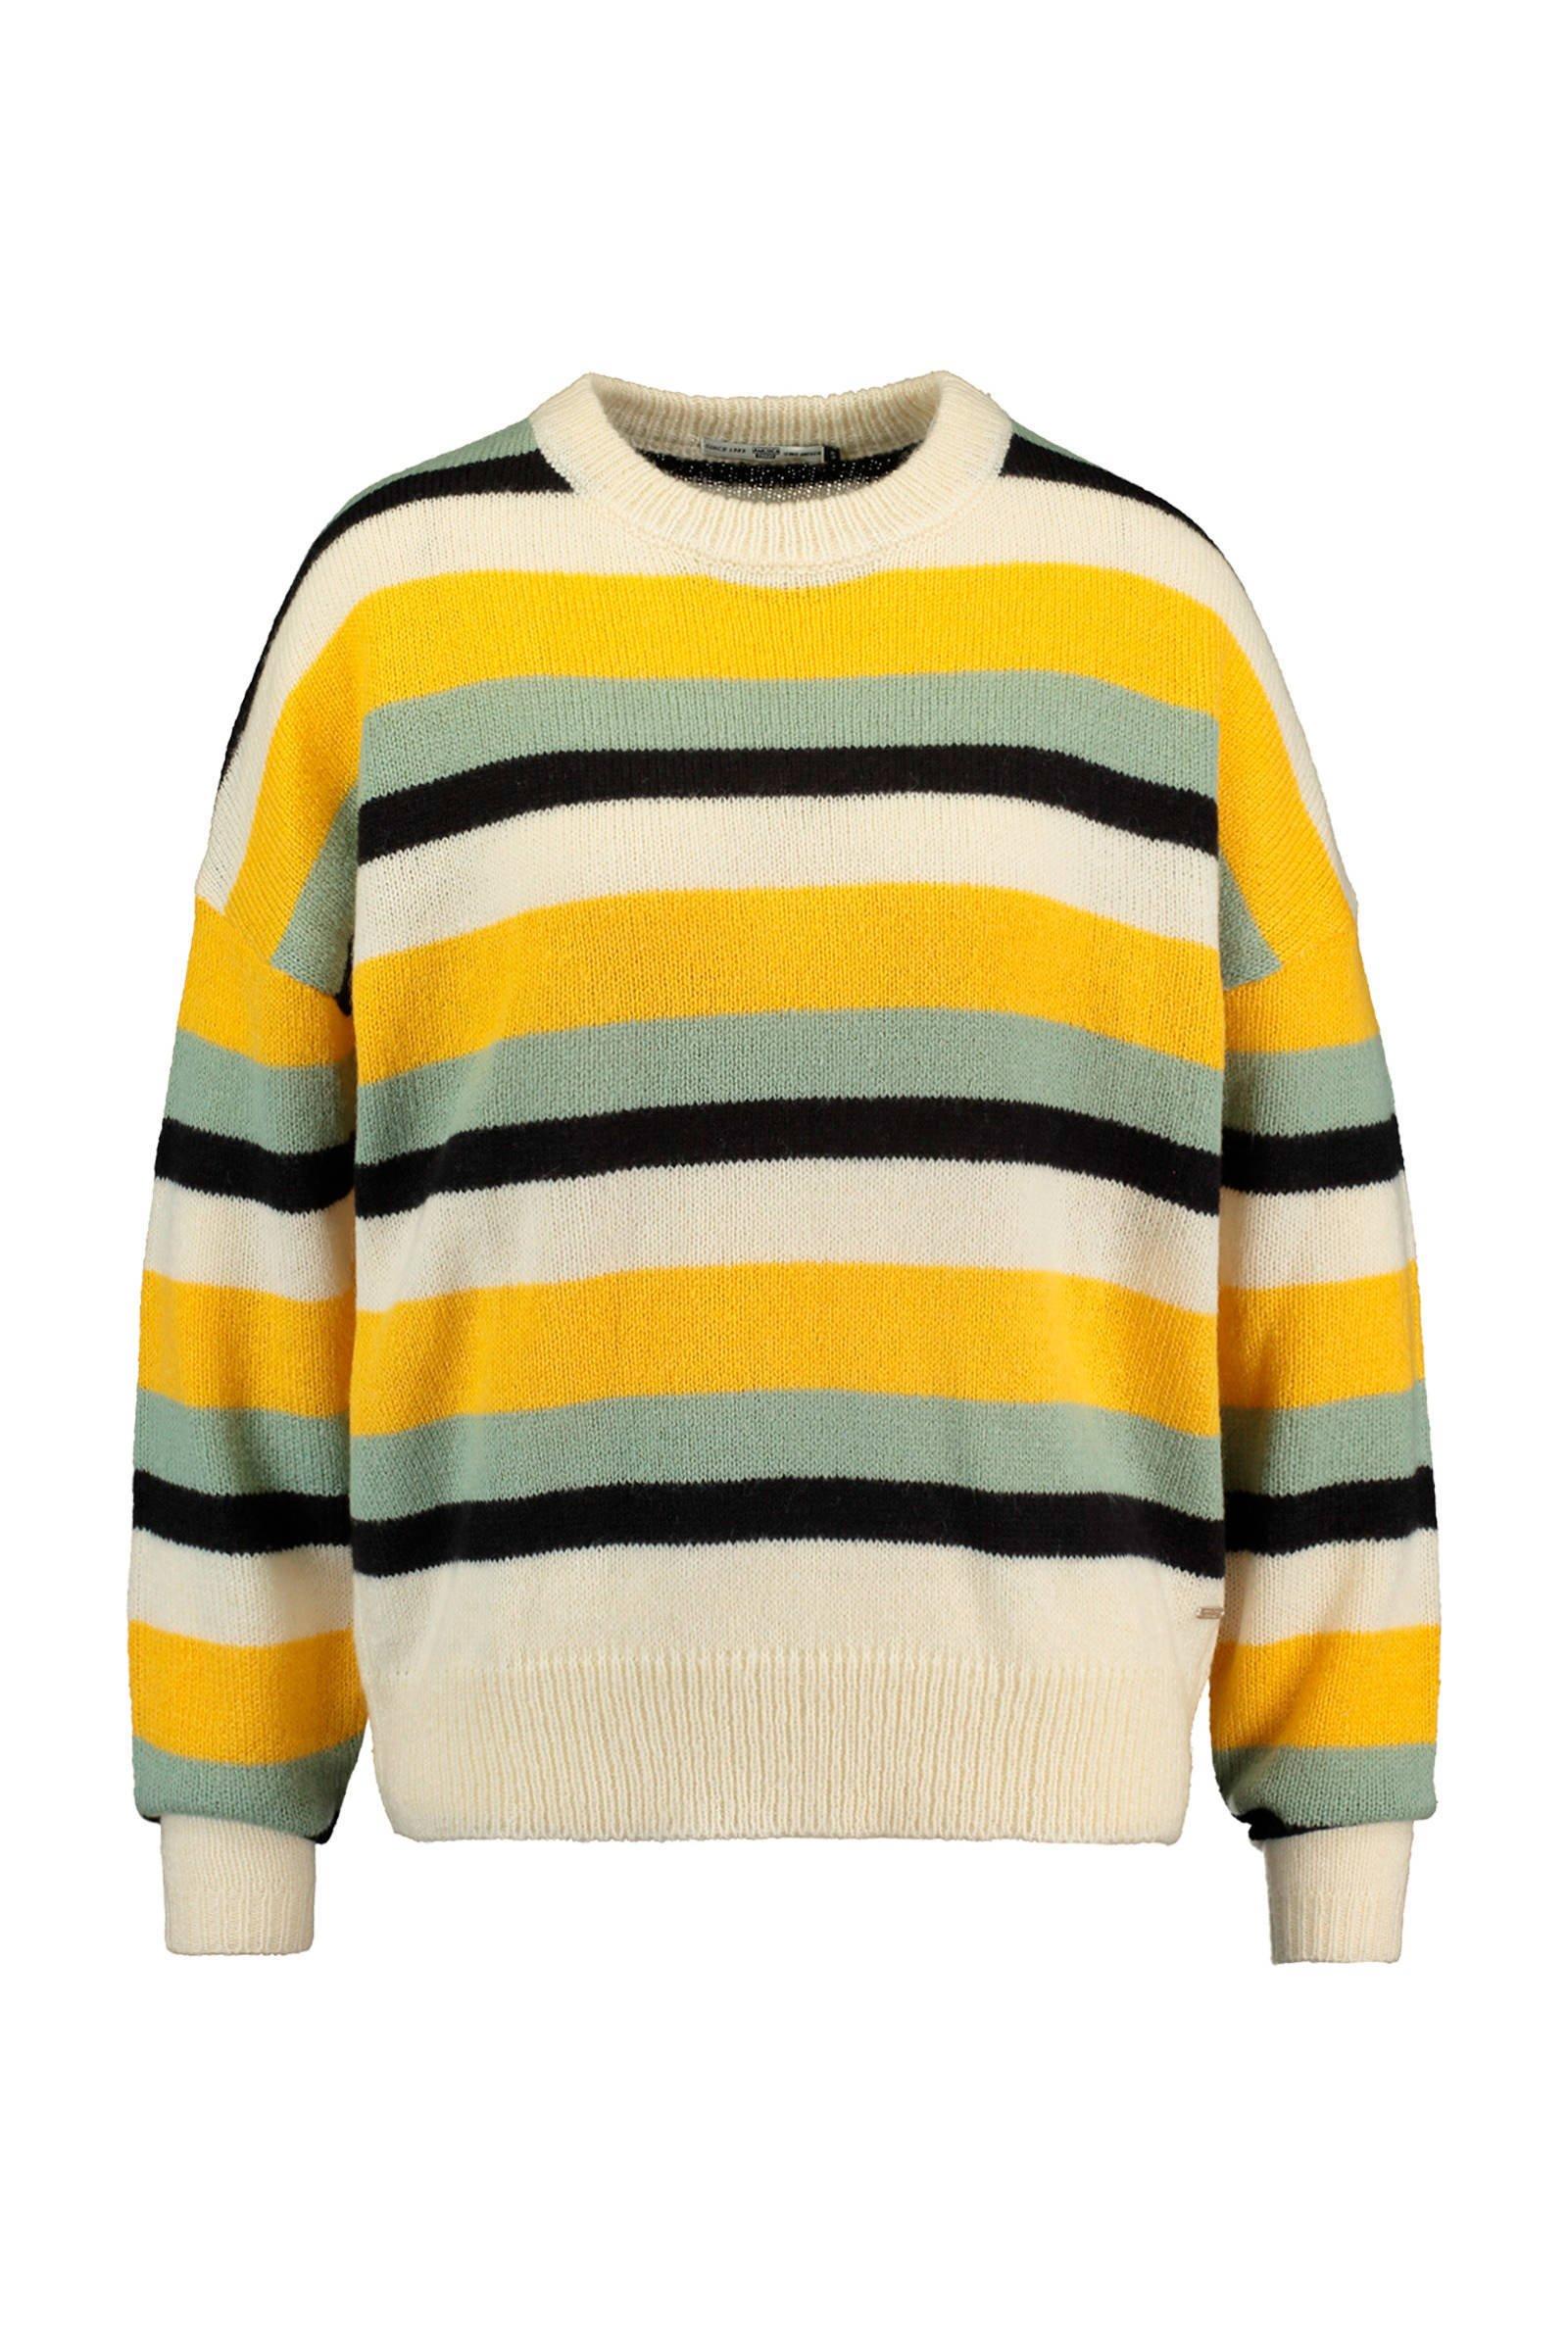 America Today gestreepte trui met wol geelzwart   wehkamp